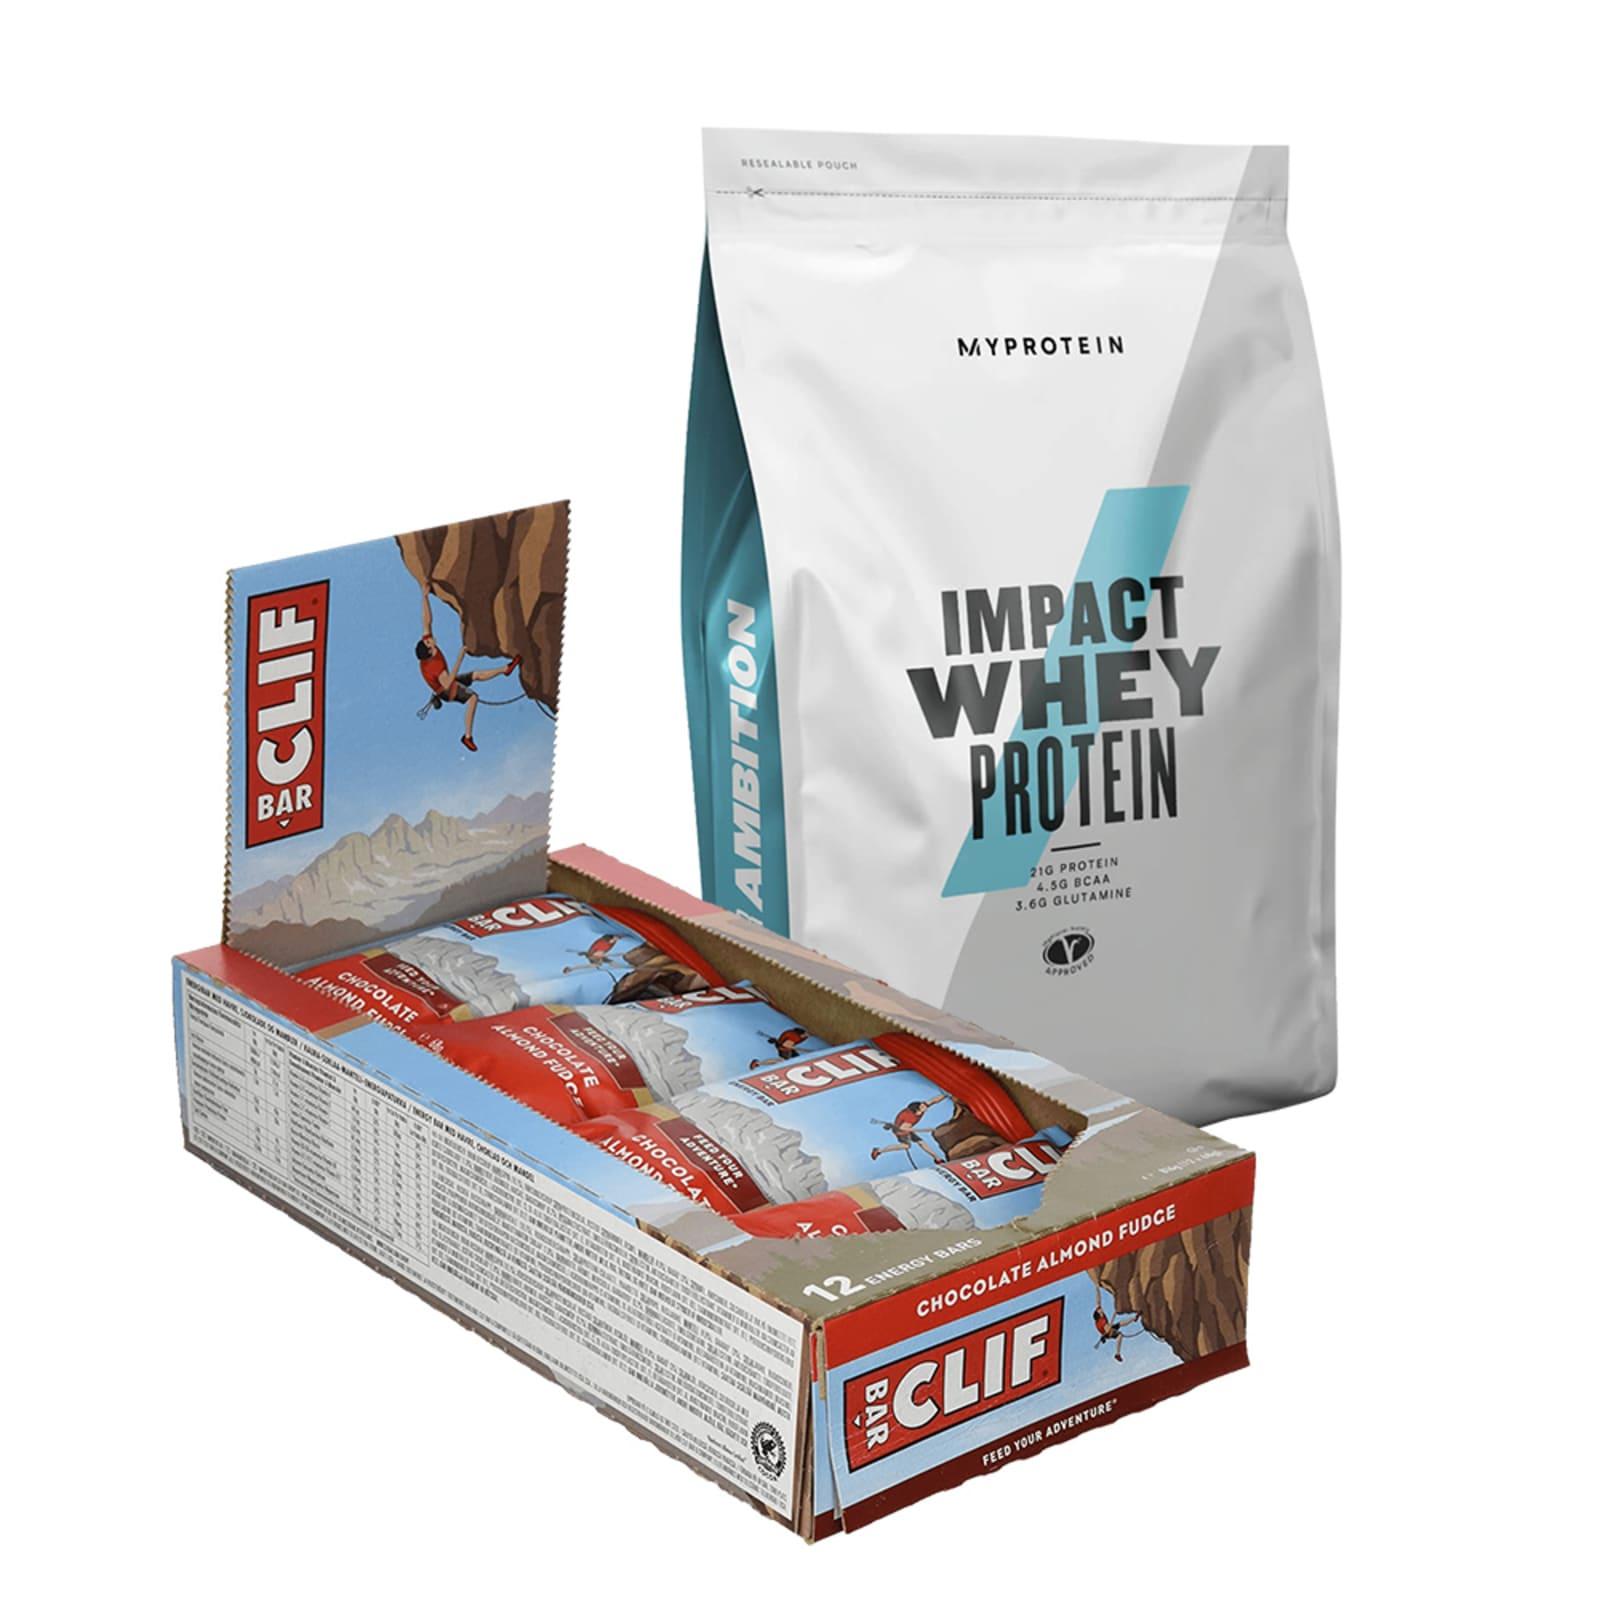 Impact Whey Protein MHD (1000g) + Clif Bar Chocolate Almond Fudge (12x68g)